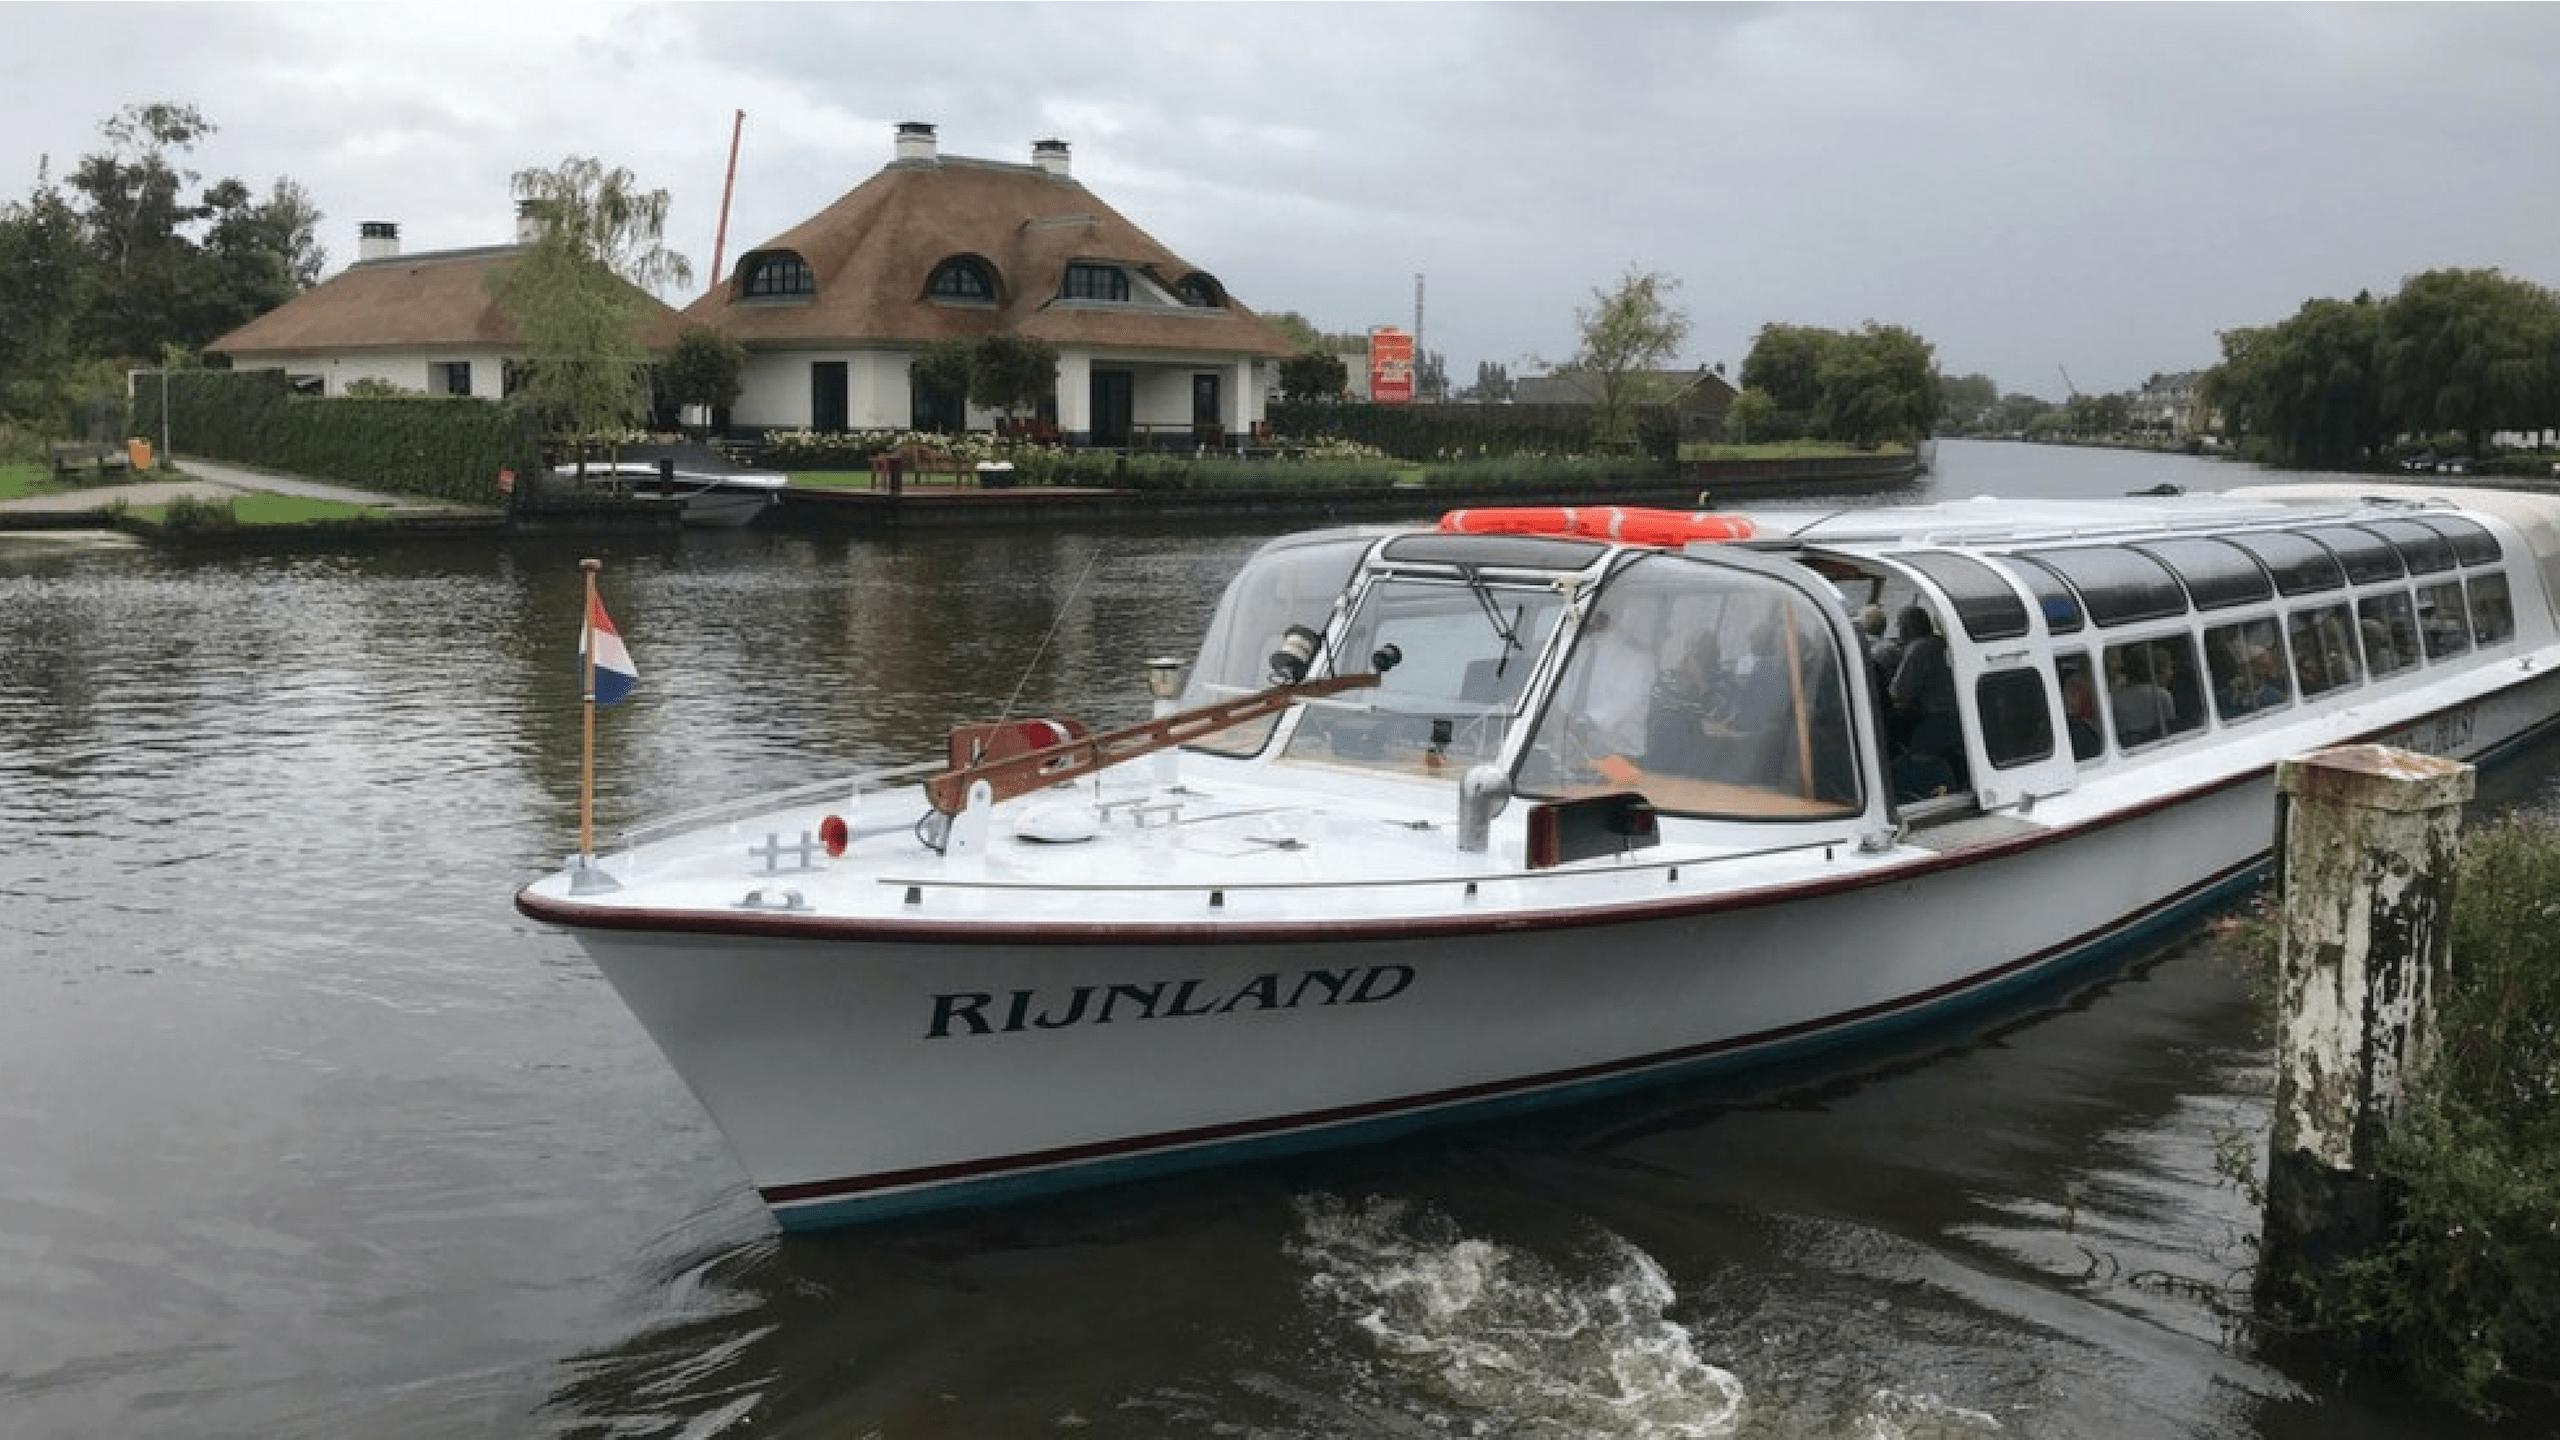 Afscheid van de Rijnland